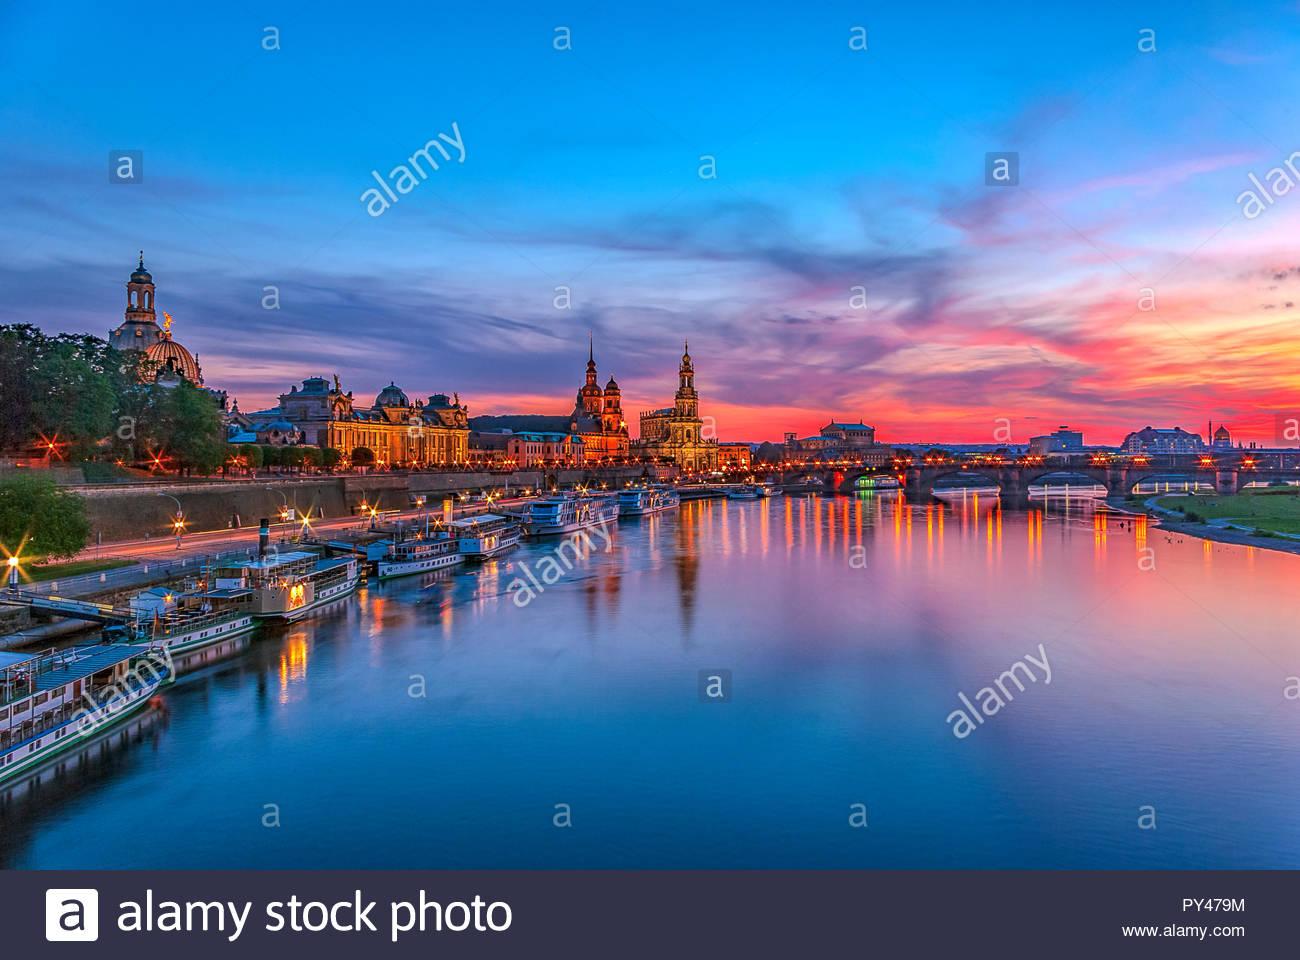 Dresden, Sachsen, Deutschland, Europa - Die historische Altstadt Waterfront im Abendlicht. Stockfoto